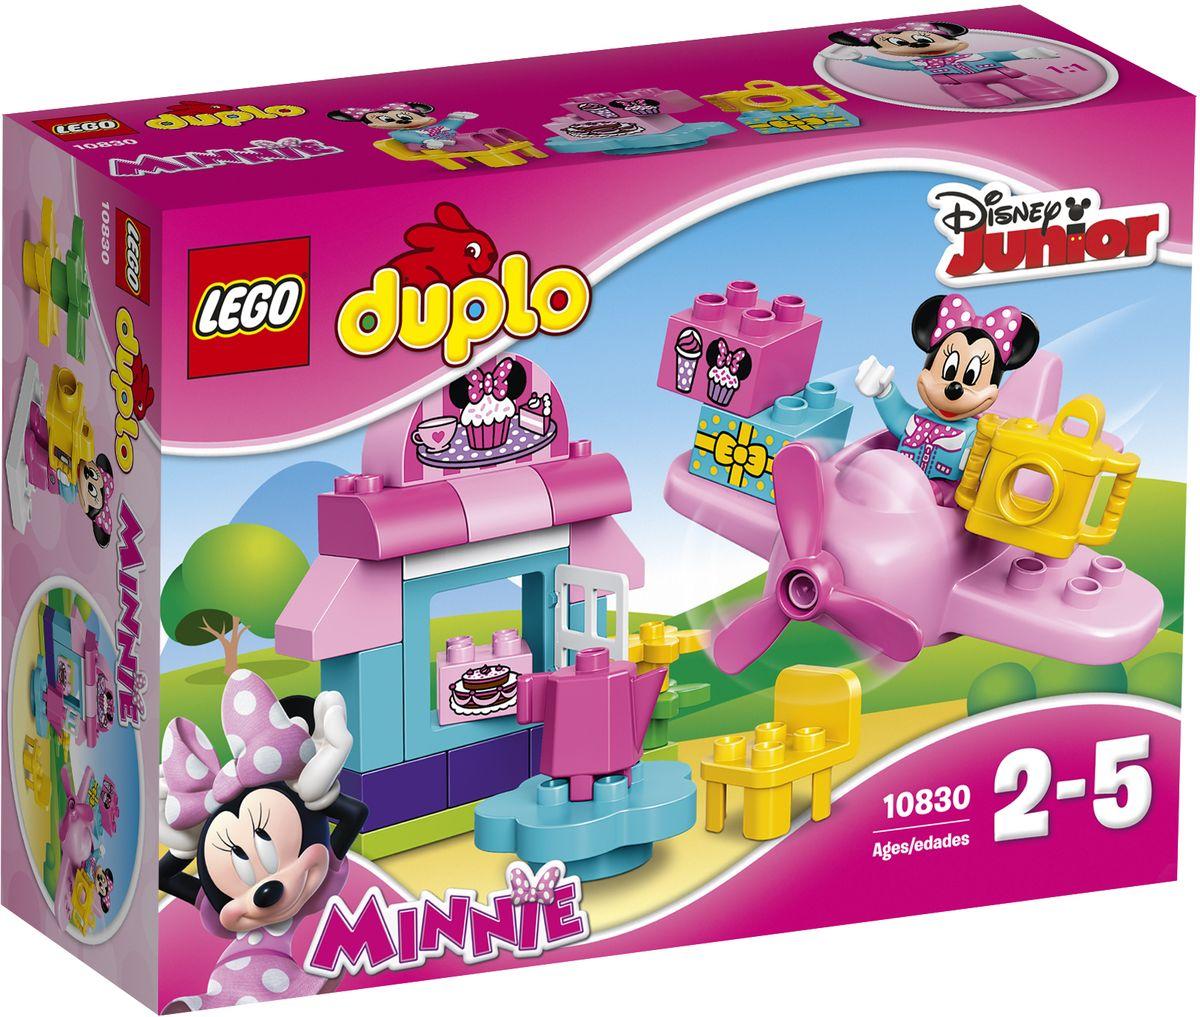 LEGO DUPLO Конструктор Кафе Минни 1083010830Конструктор LEGO DUPLO Кафе Минни приведет в восторг любую девочку, ведь все дети обожают знаменитые конструкторы LEGO. Конструктор содержит 27 пластиковых элементов. Маленьким поклонникам Disney понравится играть в милом кафе Минни! С элементами LEGO DUPLO, разработанными специально для начинающих строителей, так легко собрать свою историю. В набор входят стол и стул с чайником для ролевой игры, а также розовый самолет для доставки с вращающимся пропеллером. Специальные кубики, украшенные как торт, кексы и подарок, помогут юным игрокам придумать свои собственные истории. В набор входит фигурка Минни Маус. Все элементы набора выполнены из безопасного пластика и имеют увеличенные размеры, специально для маленьких детских пальчиков. Игры с конструкторами помогут ребенку развить воображение, внимательность, пространственное мышление и творческие способности. Такой конструктор надолго займет внимание малышки и непременно станет ее любимой игрушкой....